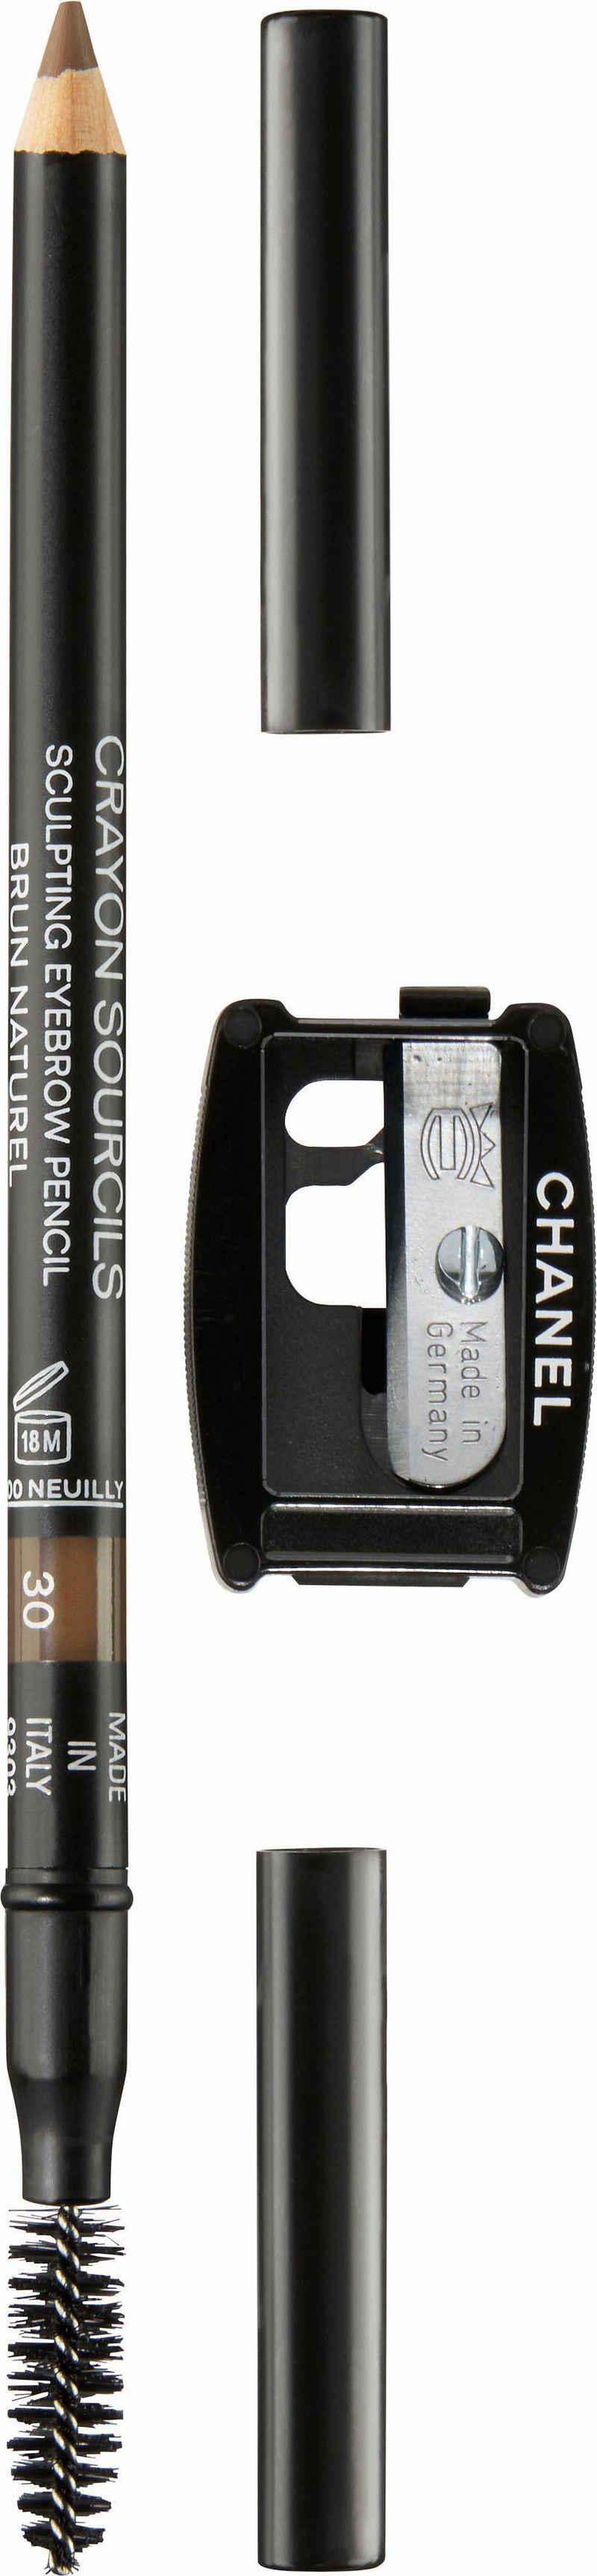 CHANEL Augenbrauen-Stift »Crayon Sourcils«, 2-tlg., Pudertextur